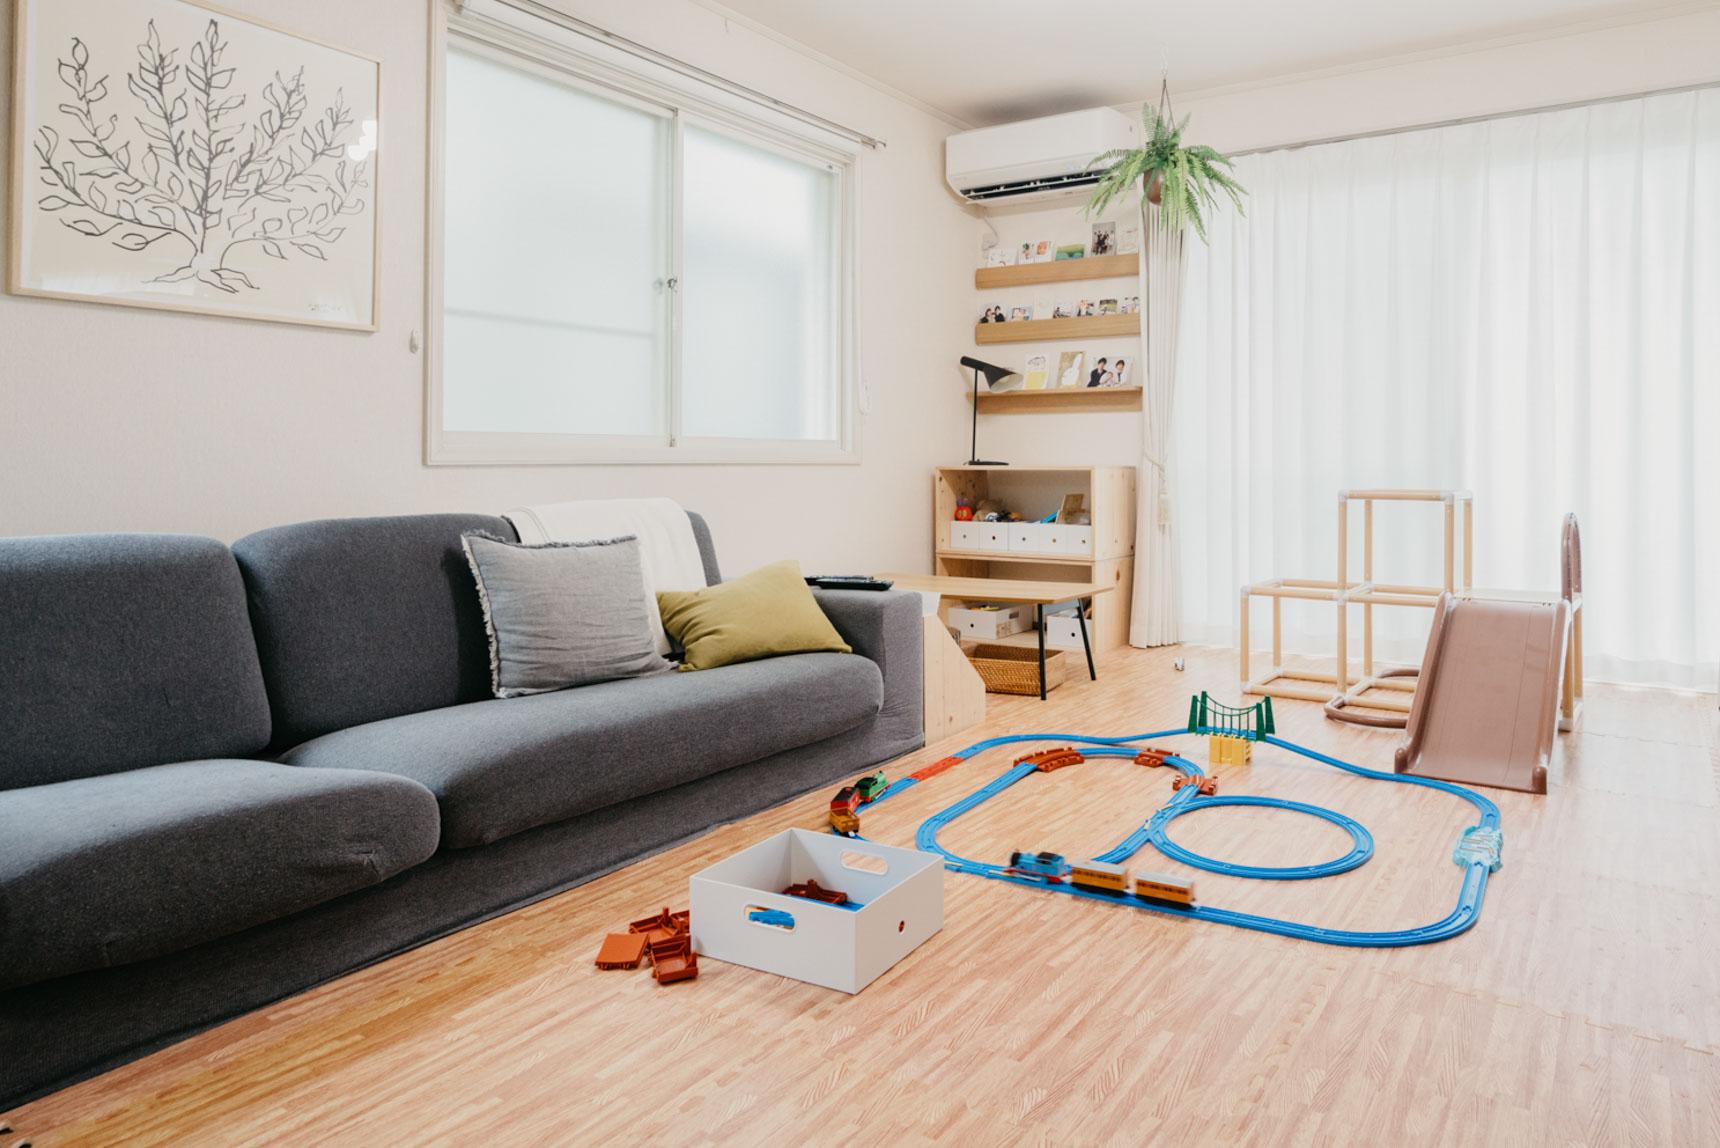 こちらのお部屋では、お子さんのおもちゃがソファの下に入り込むのを防ぐため、もともとついていた脚をとってセッティング。どうせ埃がたまっちゃうなら、そもそも隙間を作らない!というのもアリです。(このお部屋はこちら)